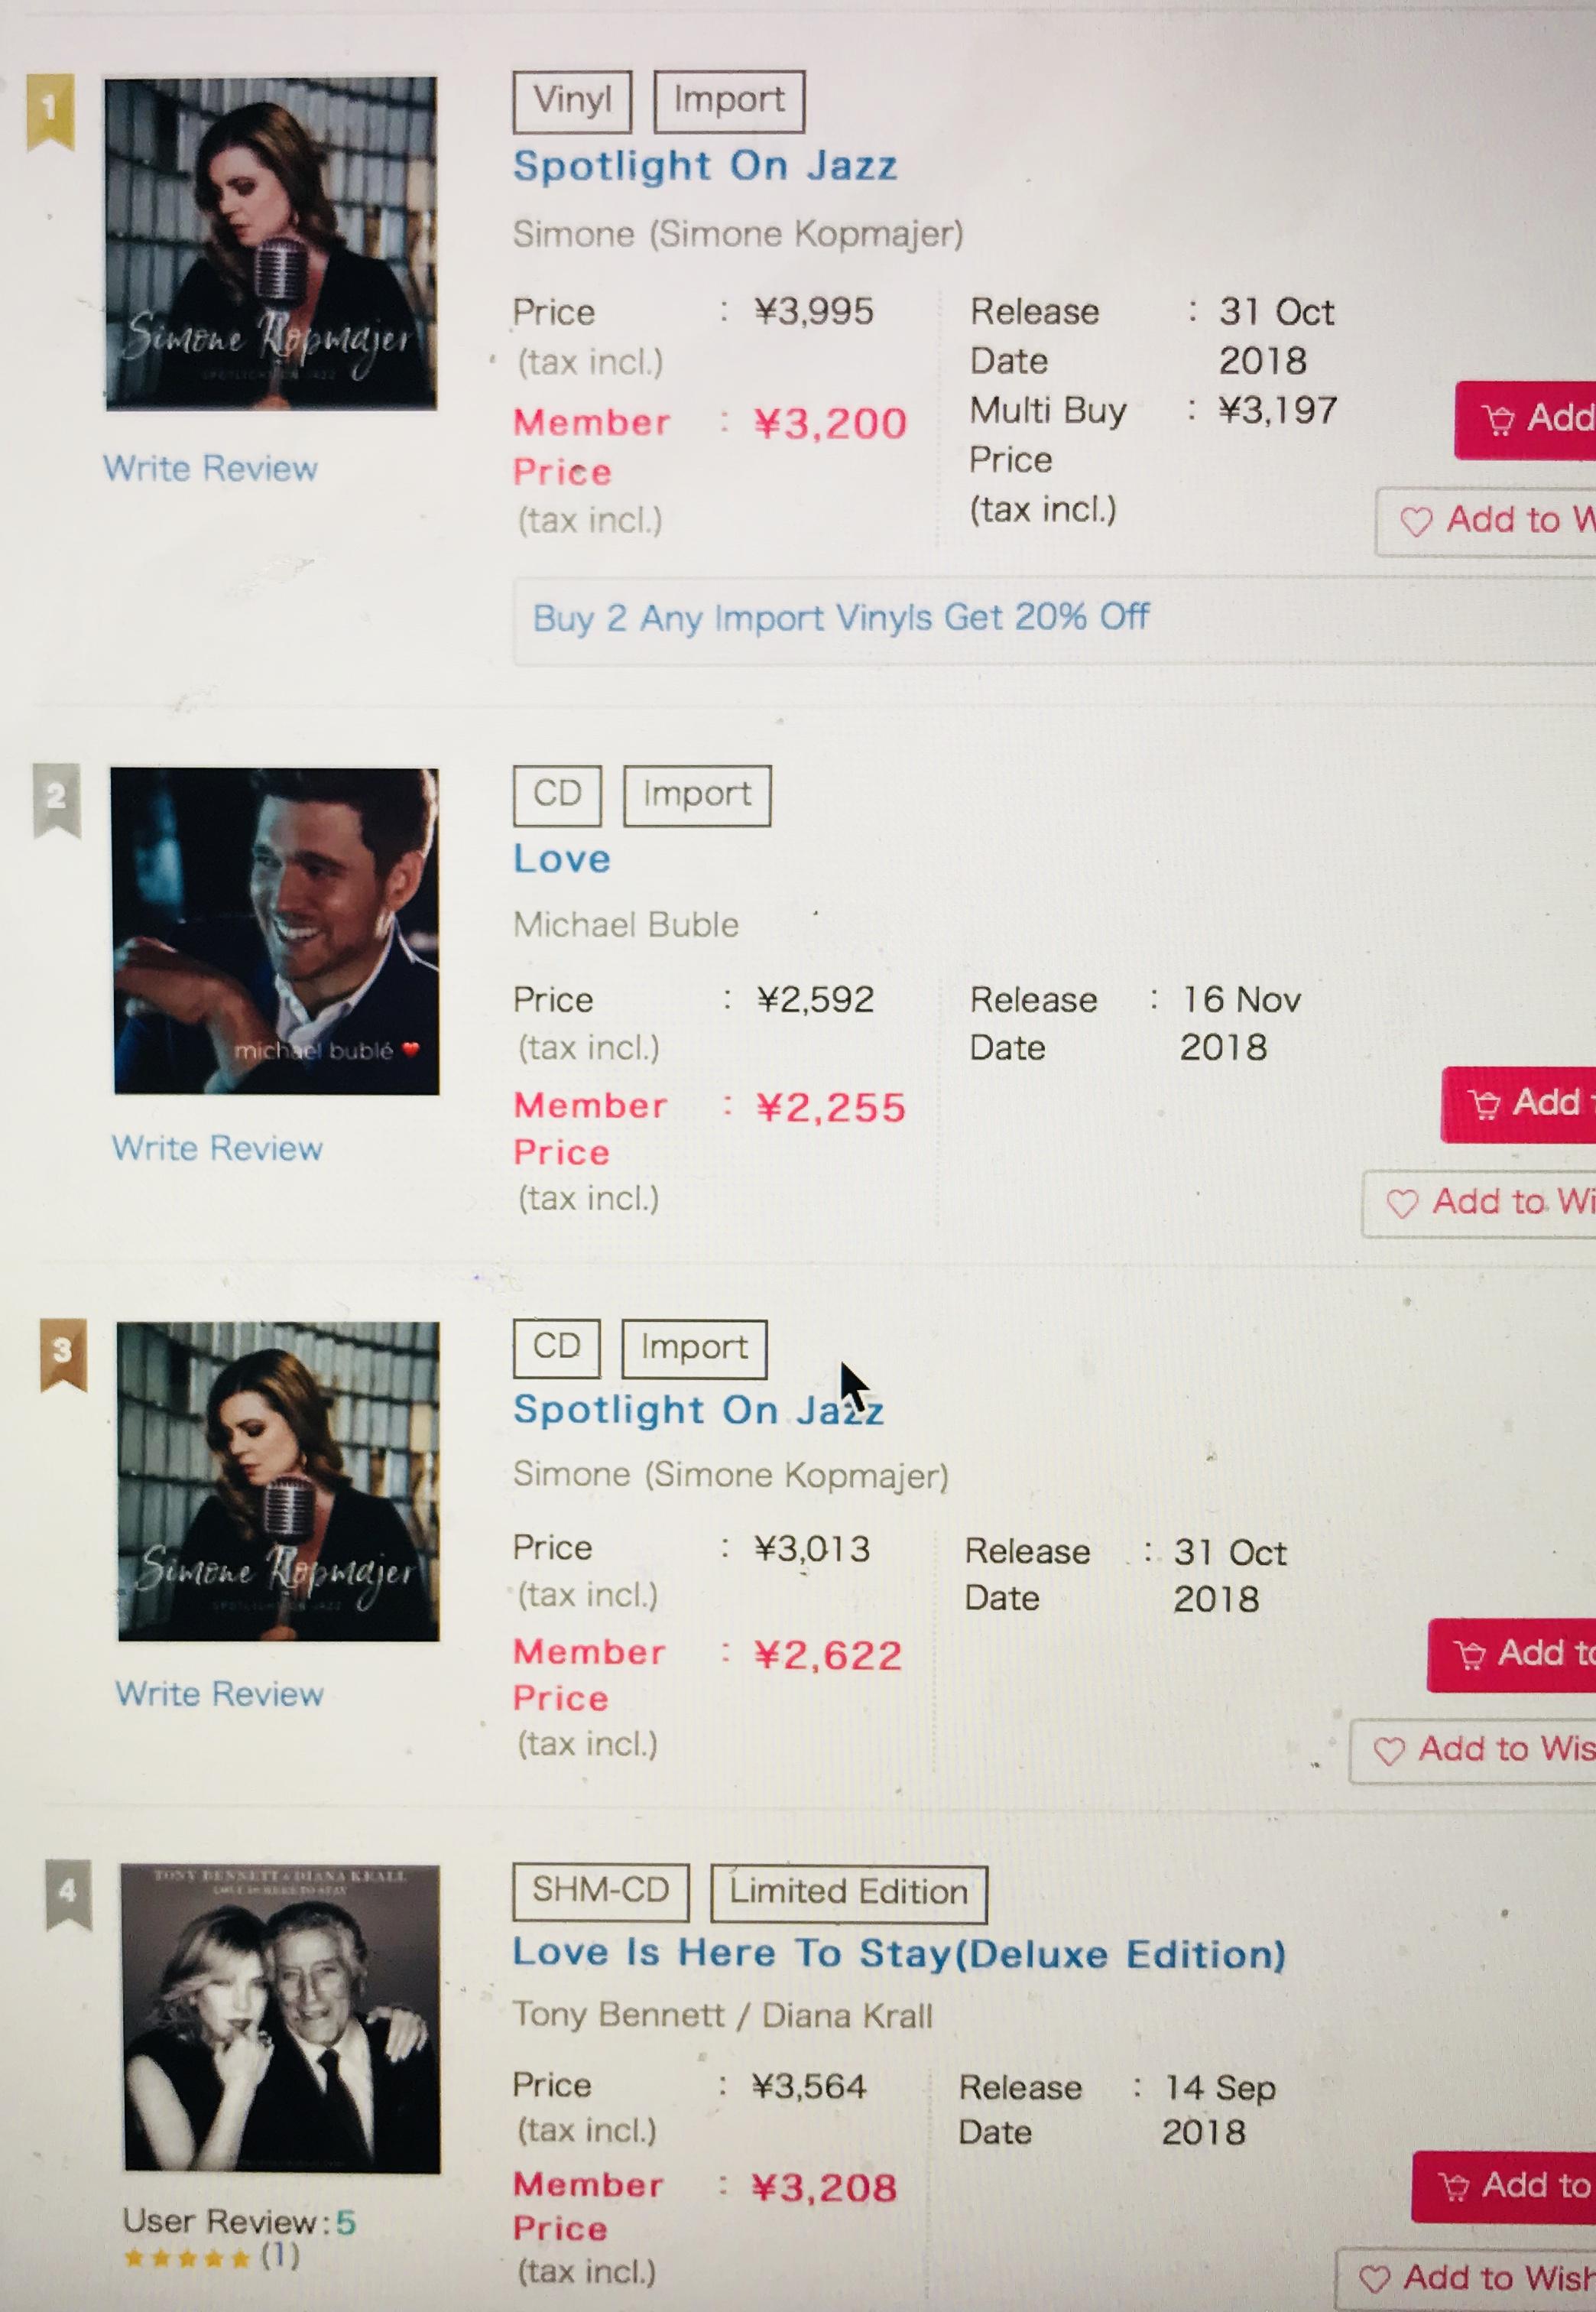 HMV_Charts_Spotlight.jpg